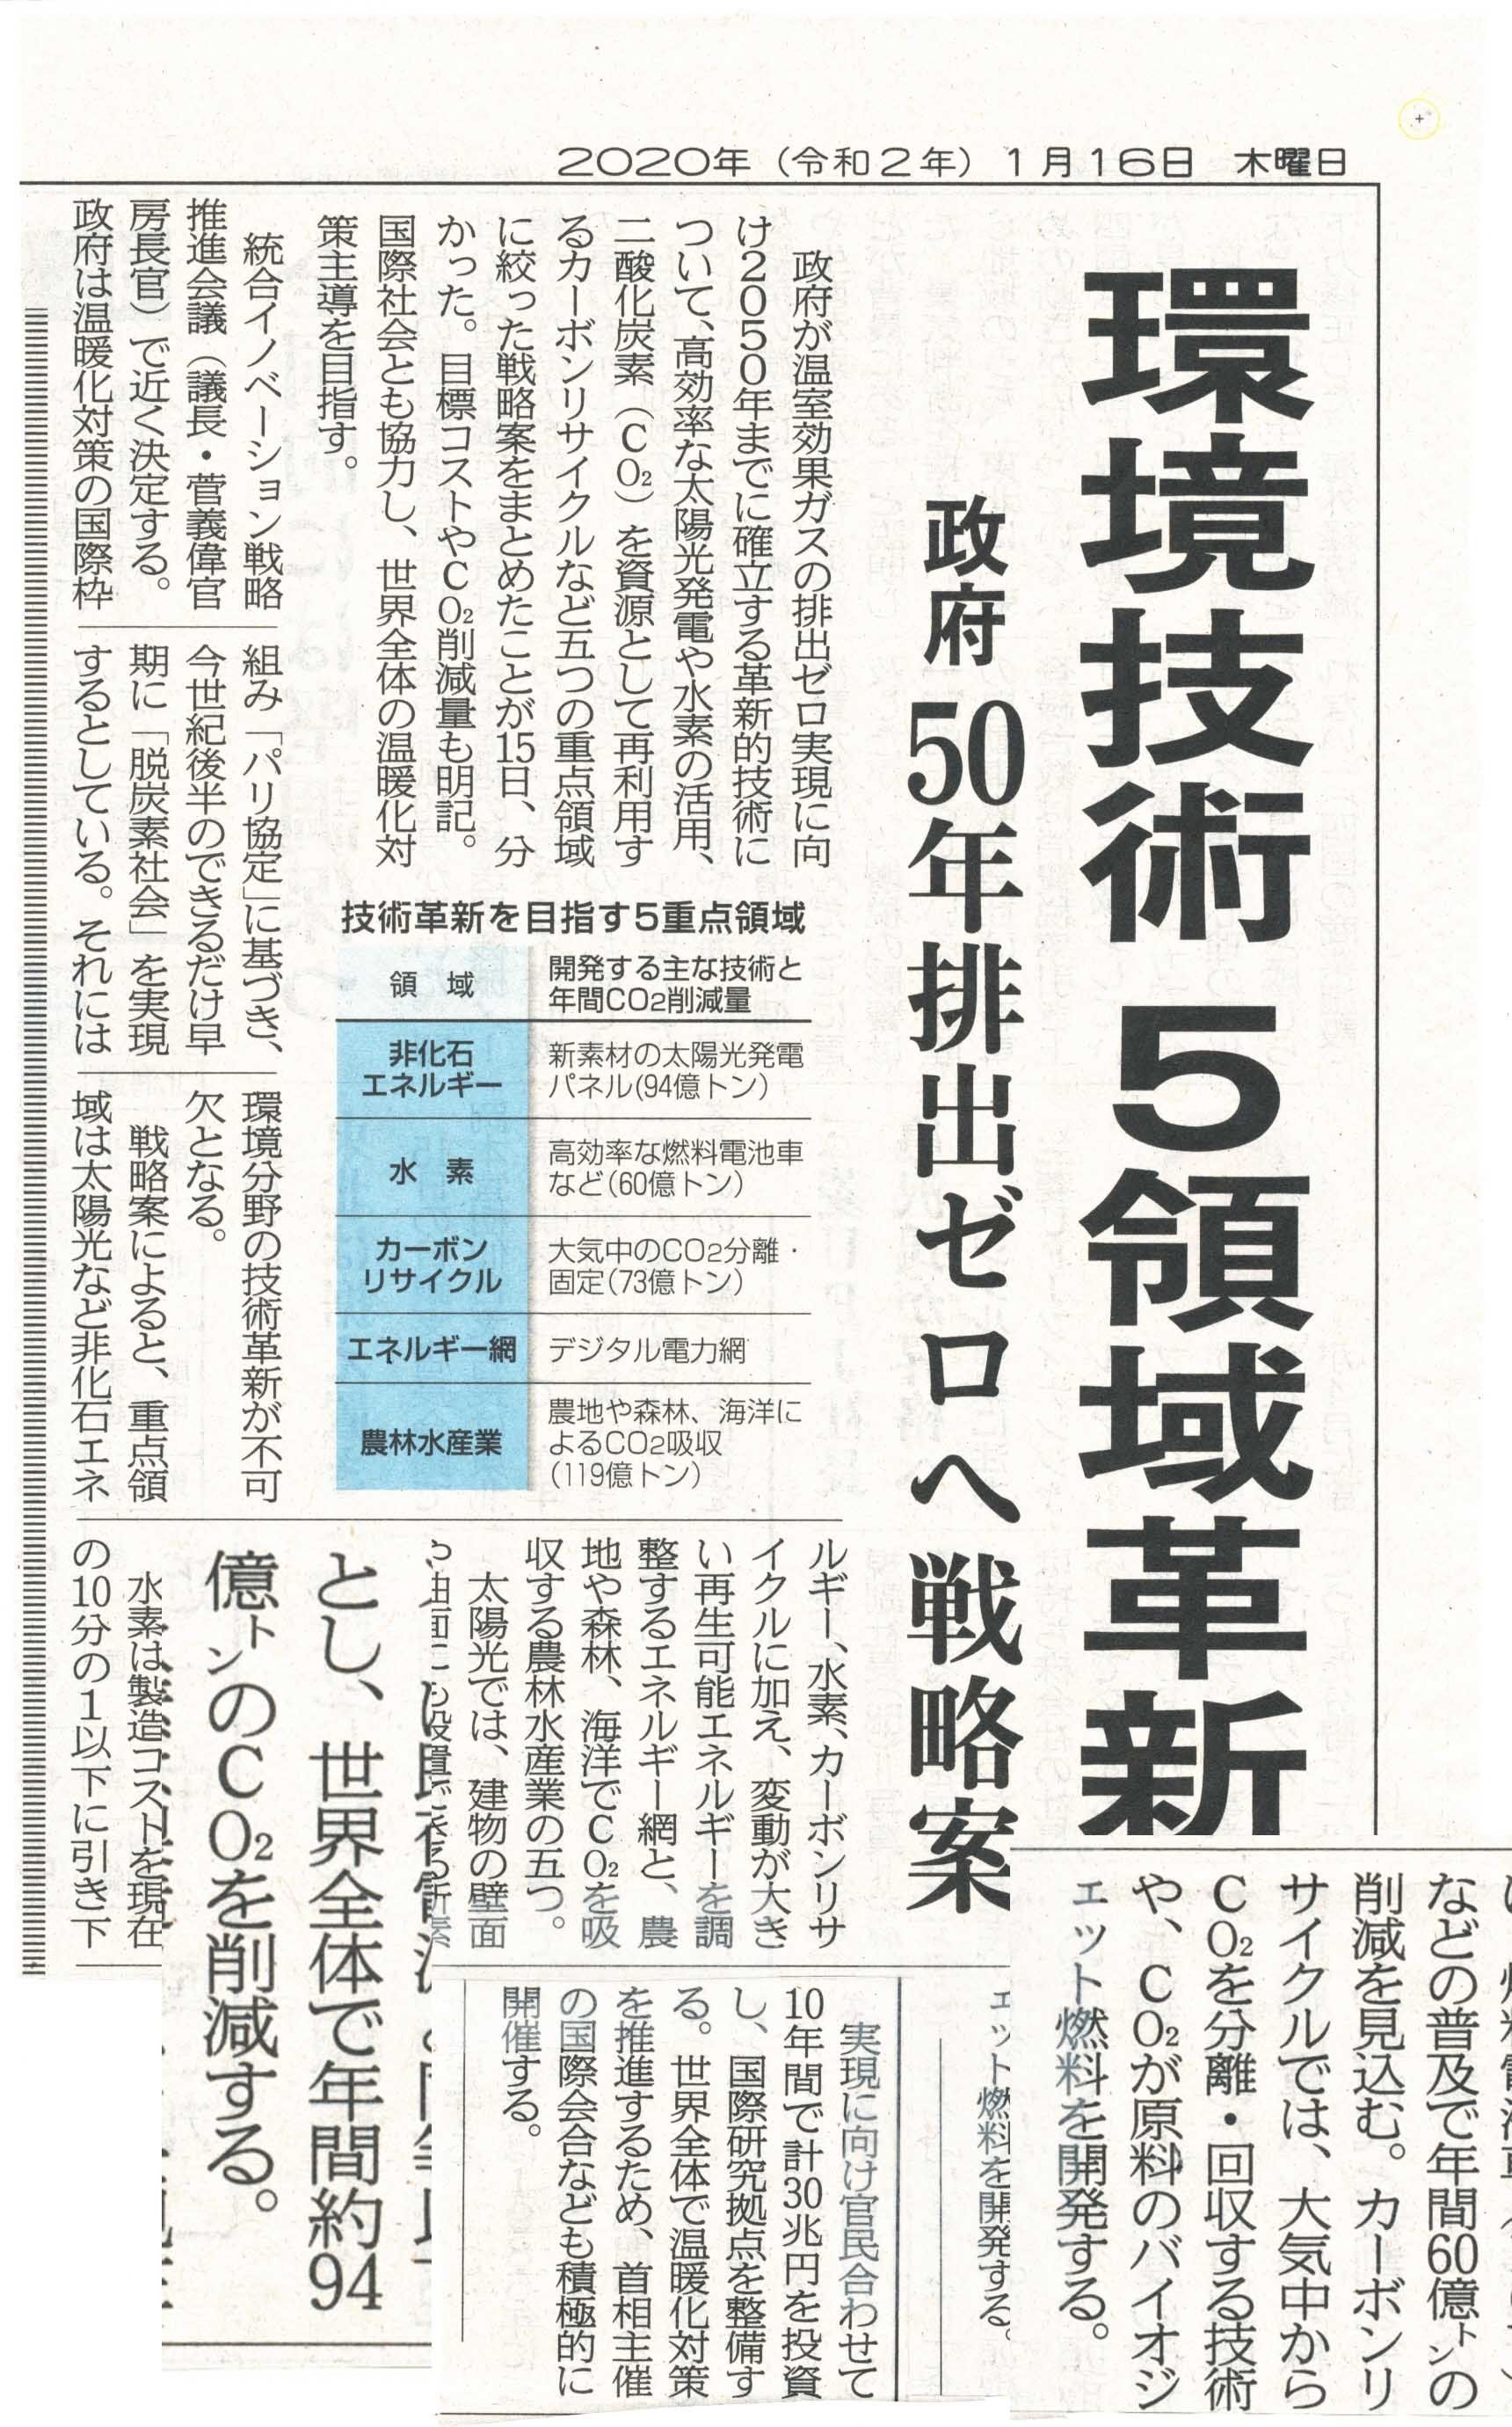 東奥日報はやっぱりダメか第2弾,ホンズないのか_e0039759_16331124.jpg